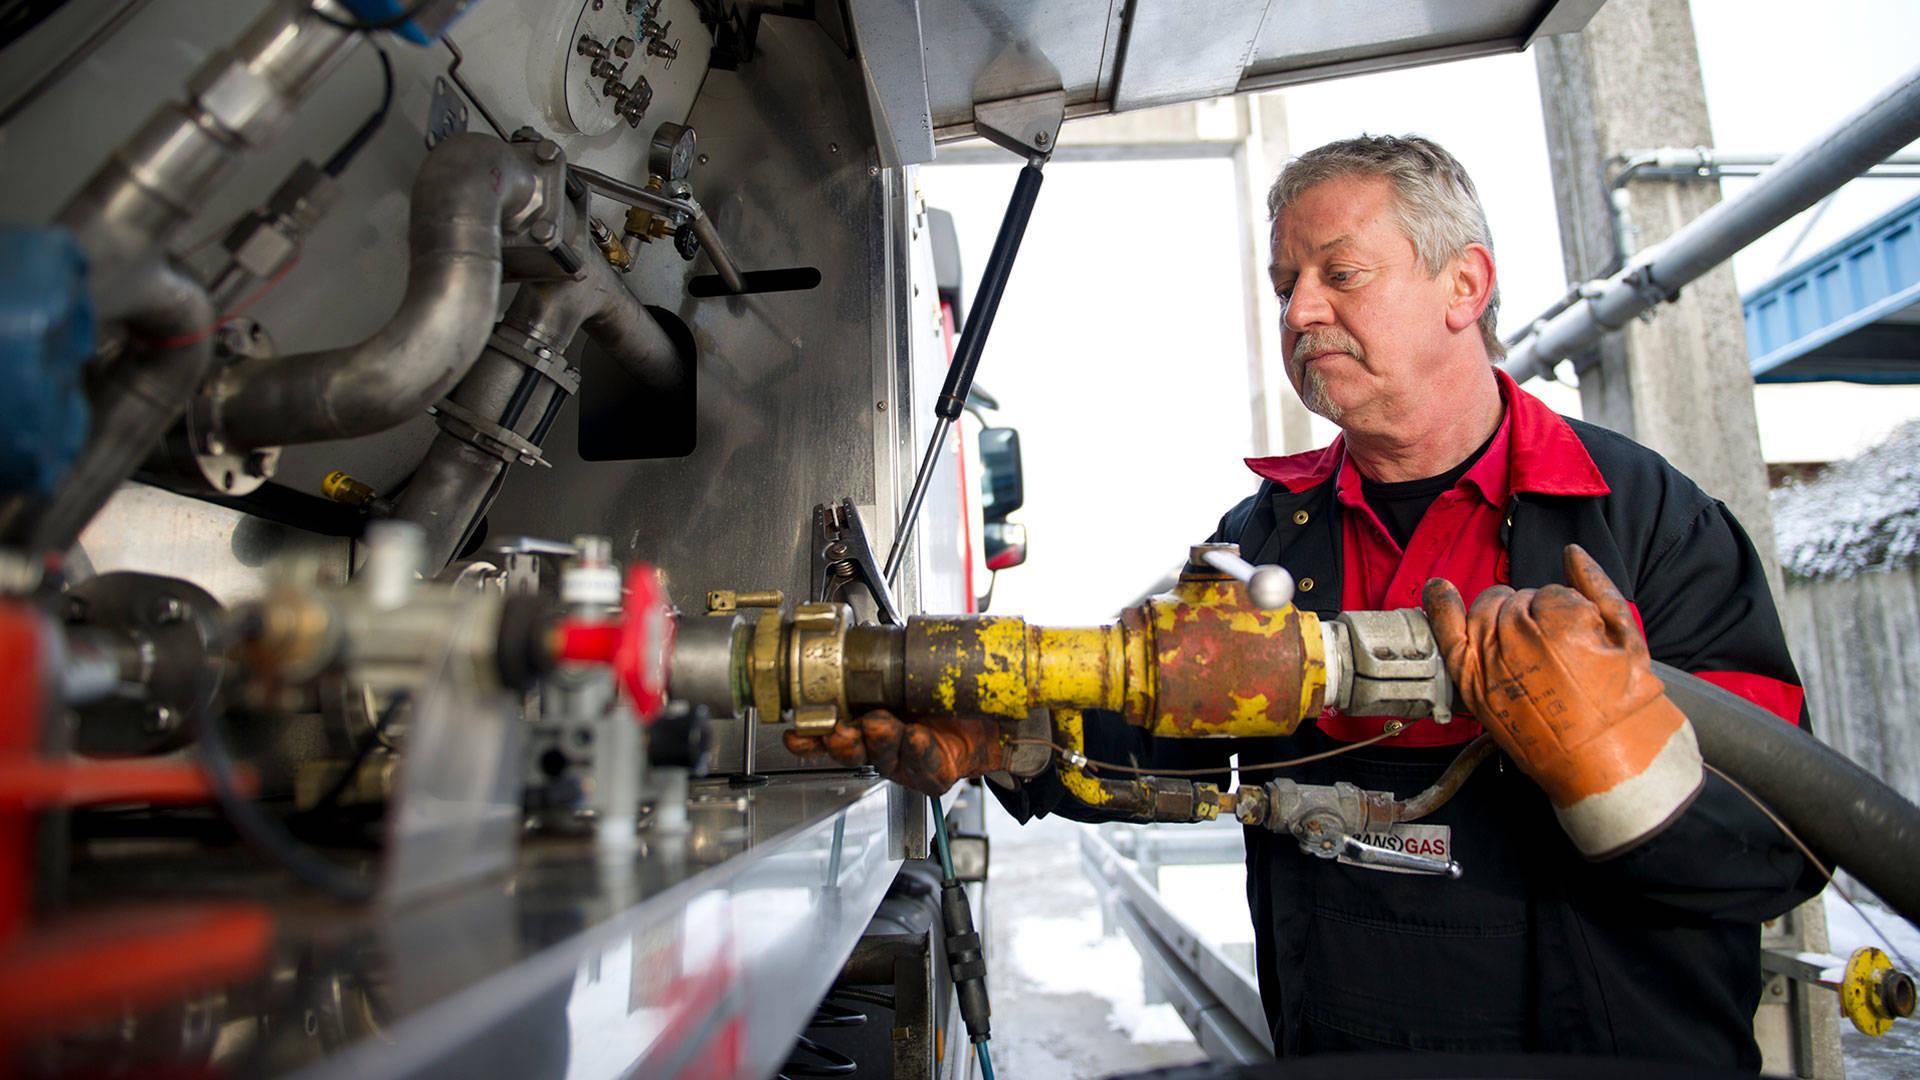 Transgas Mitarbeiter befüllt Tankwagen mit Flüssiggas.